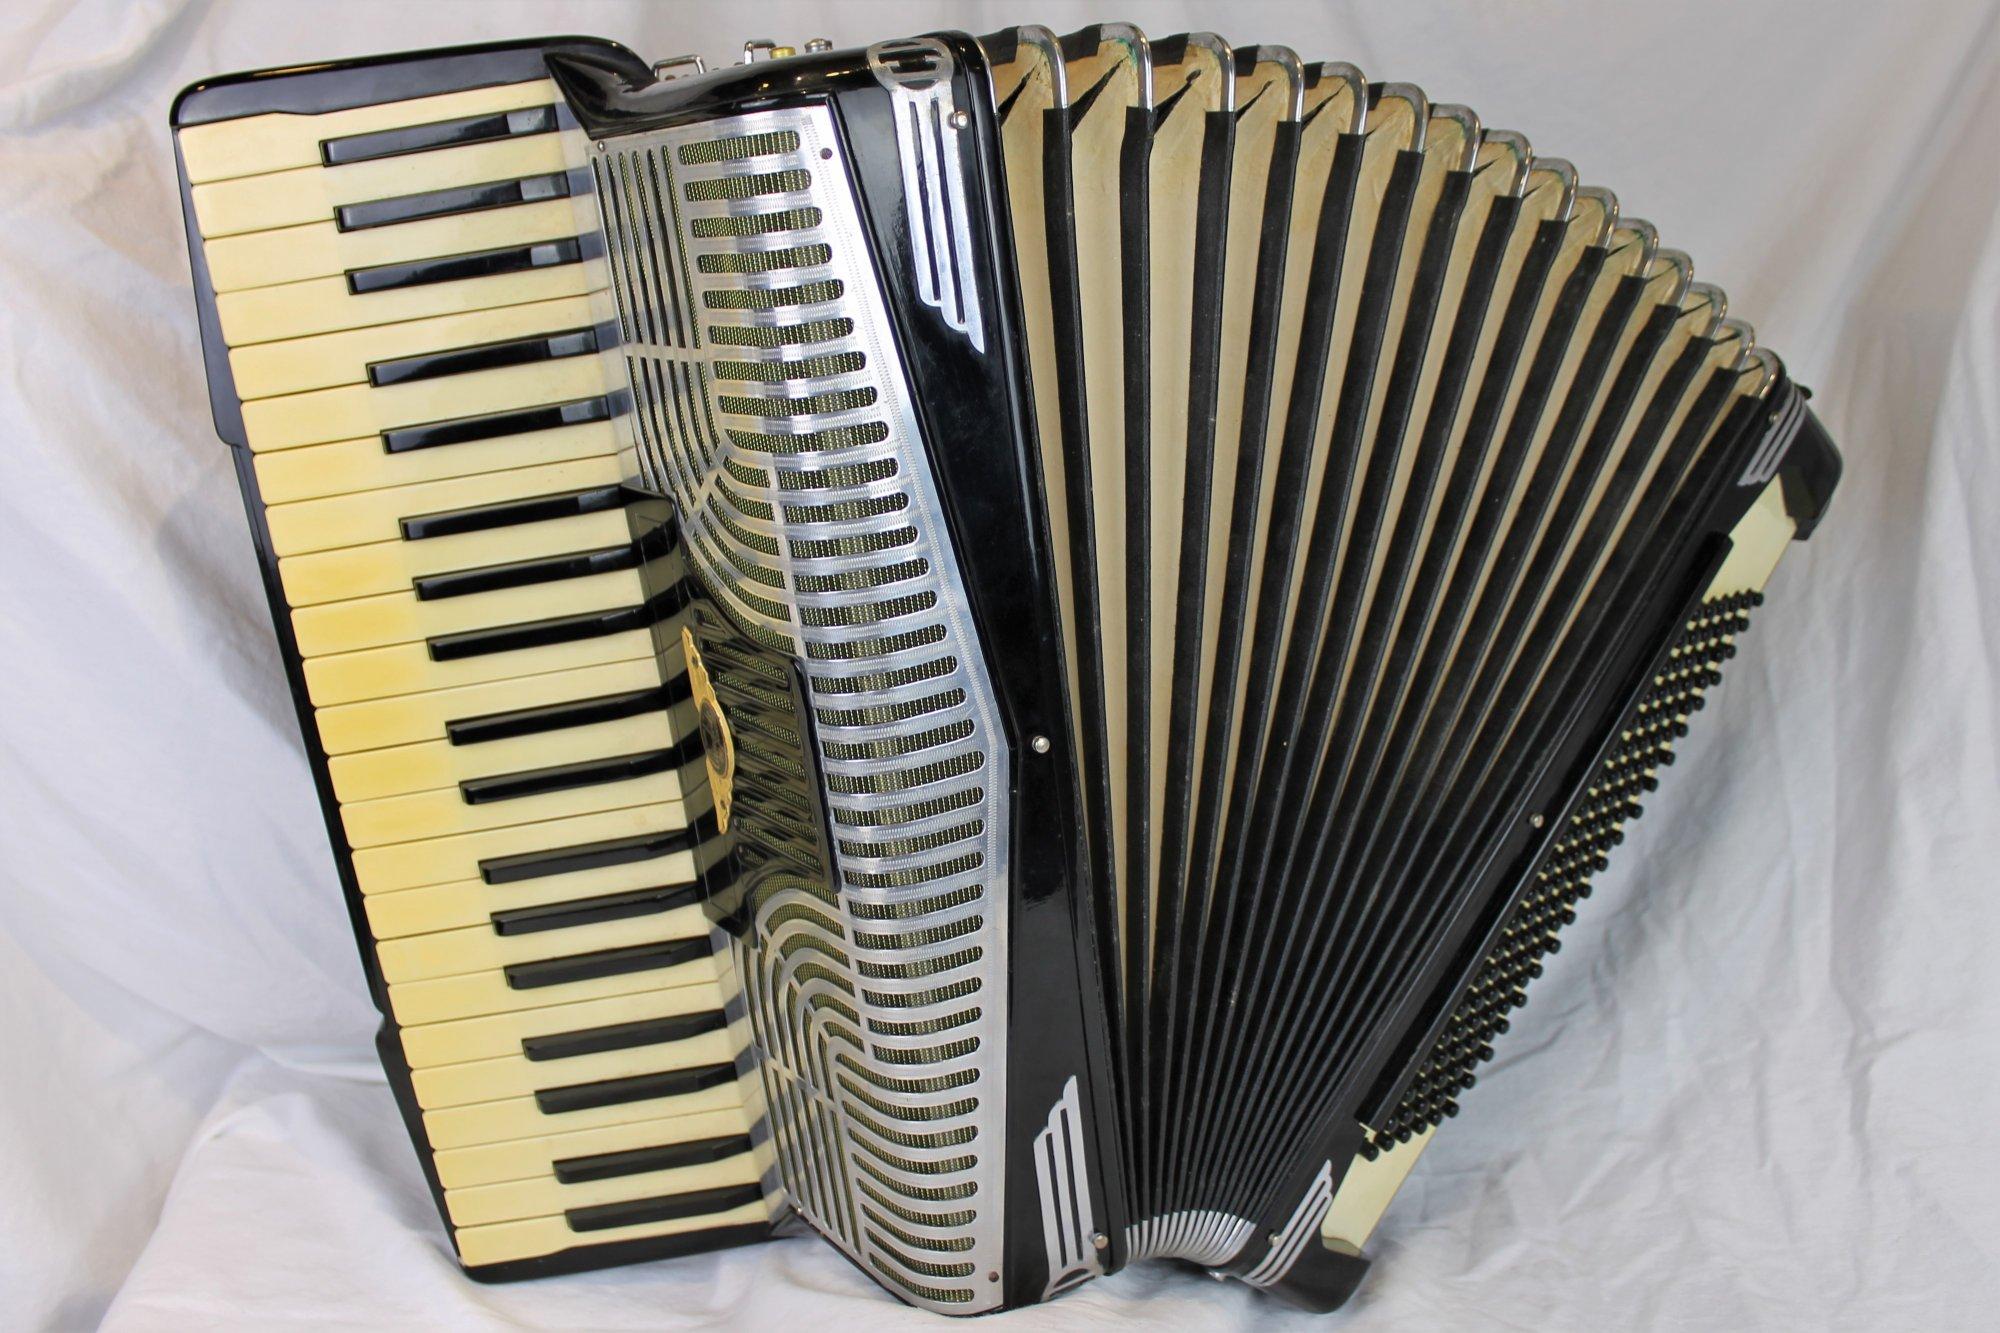 4421 - Black Iorio Candide Piano Accordion LMM 41 120